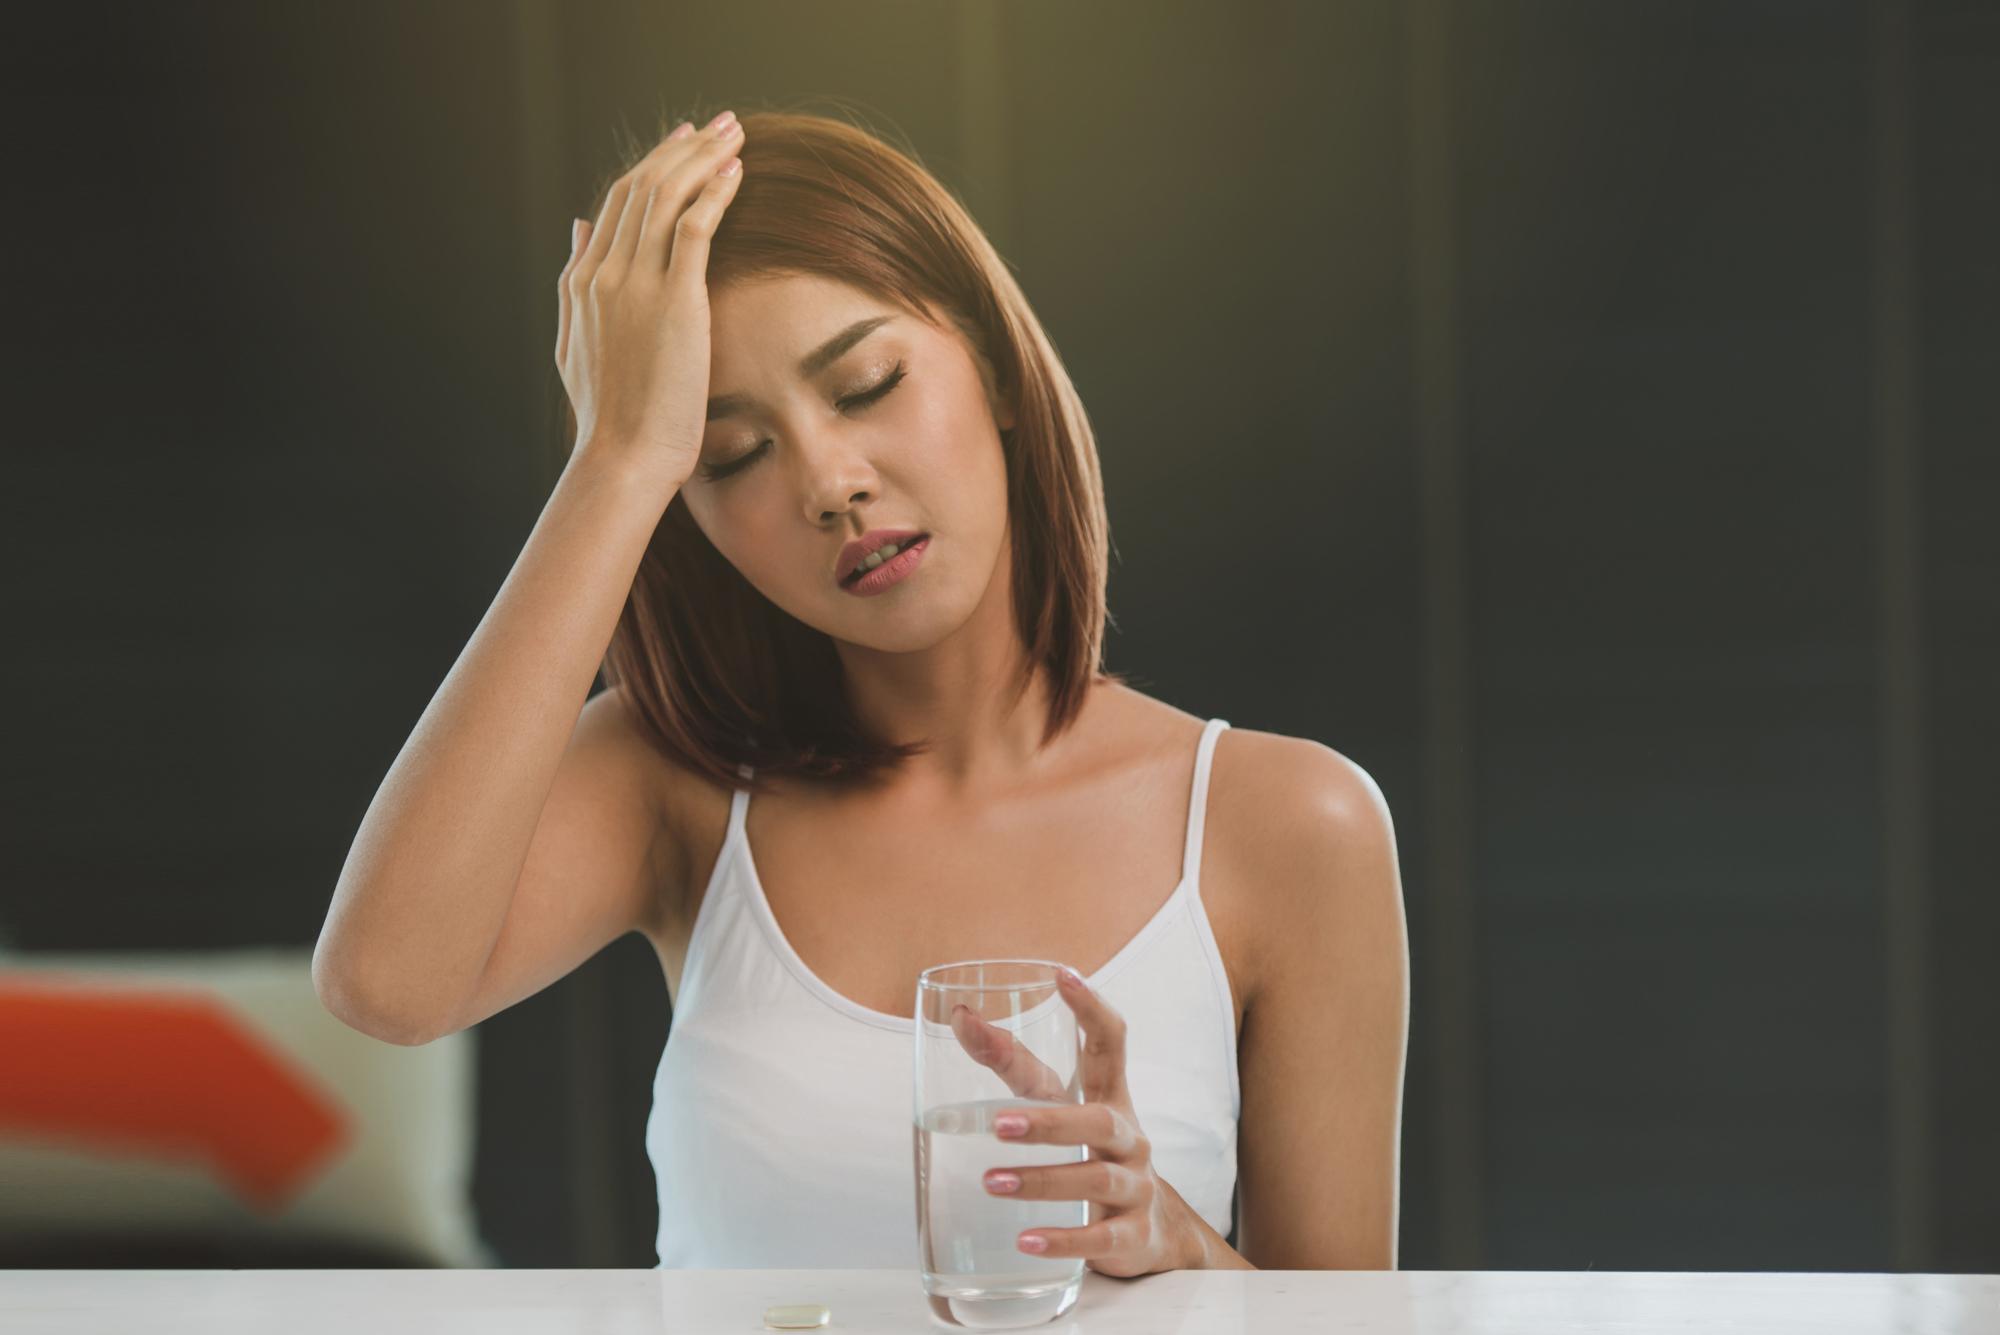 Привычки, которые провоцируют головную боль